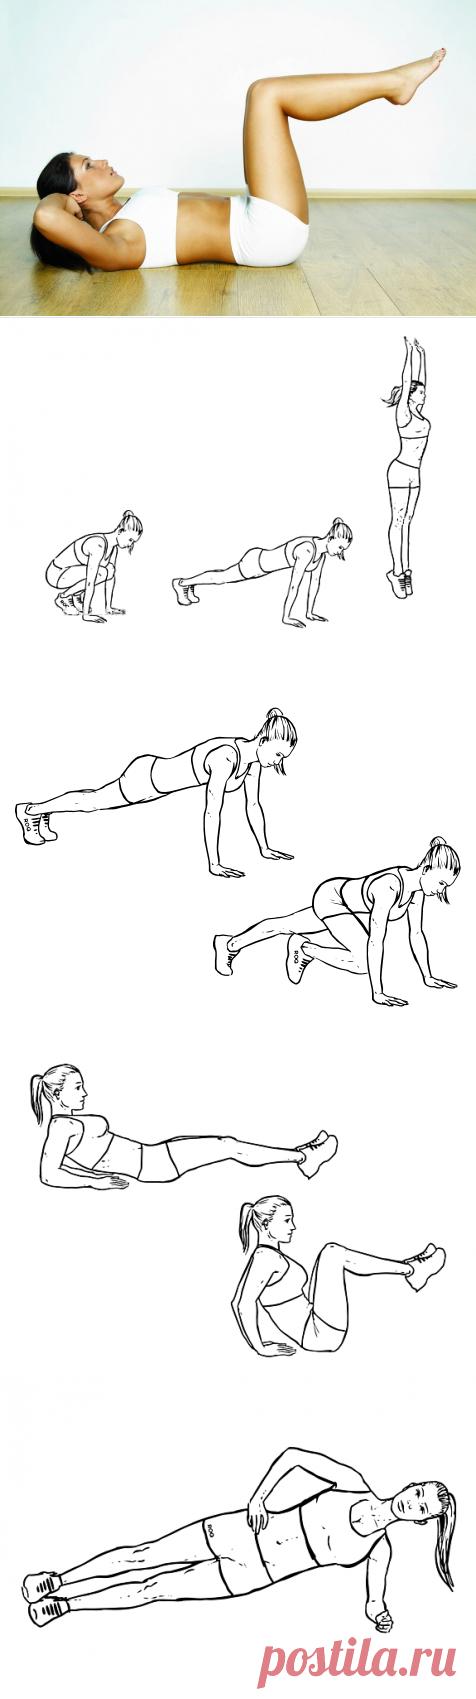 упражнения для нижнего живота в картинках деревне